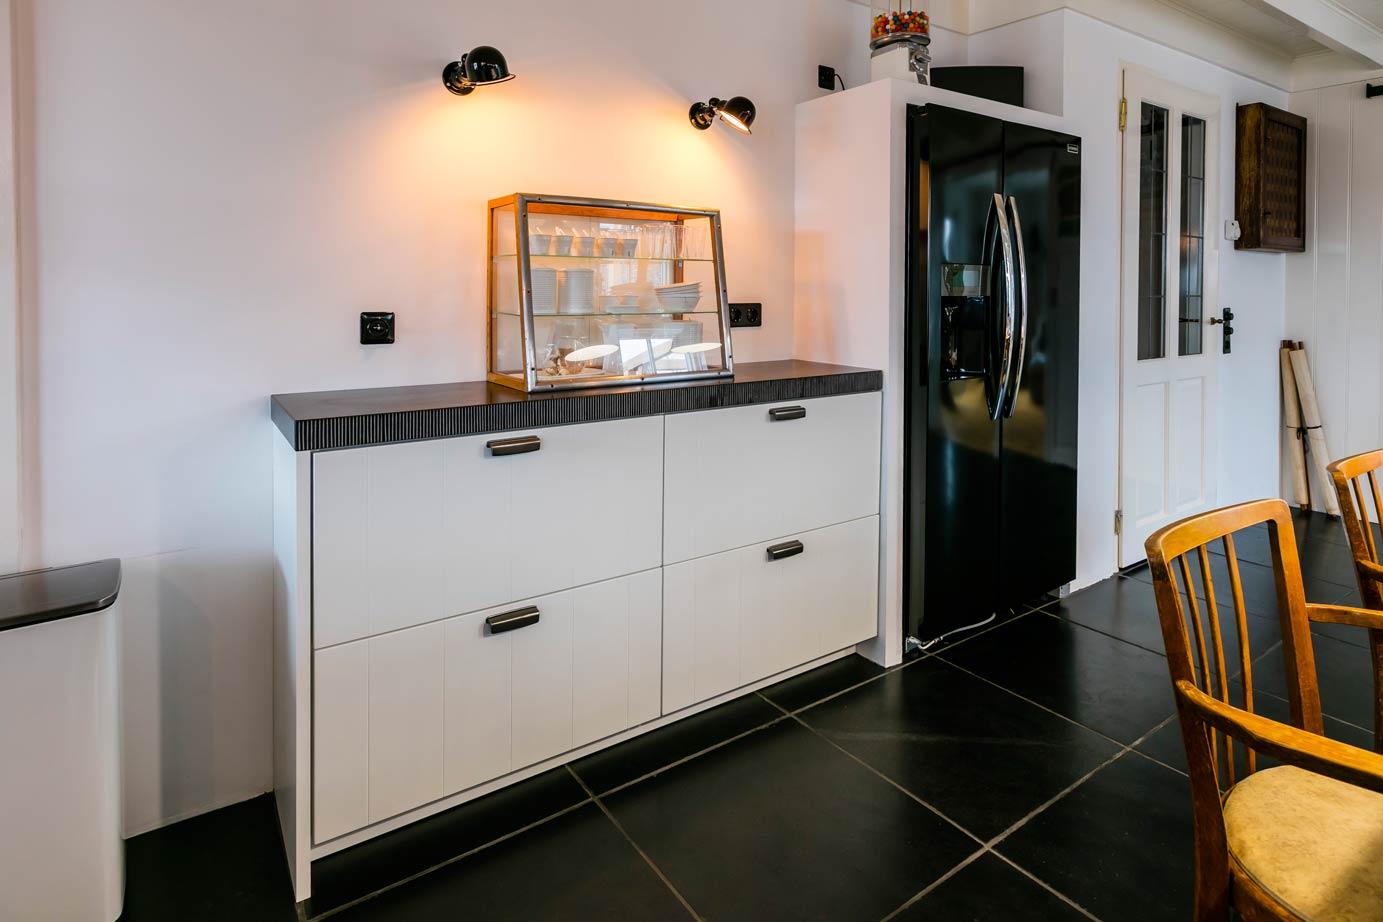 Kolomkast keuken free full size of keuken met houten werkbladen